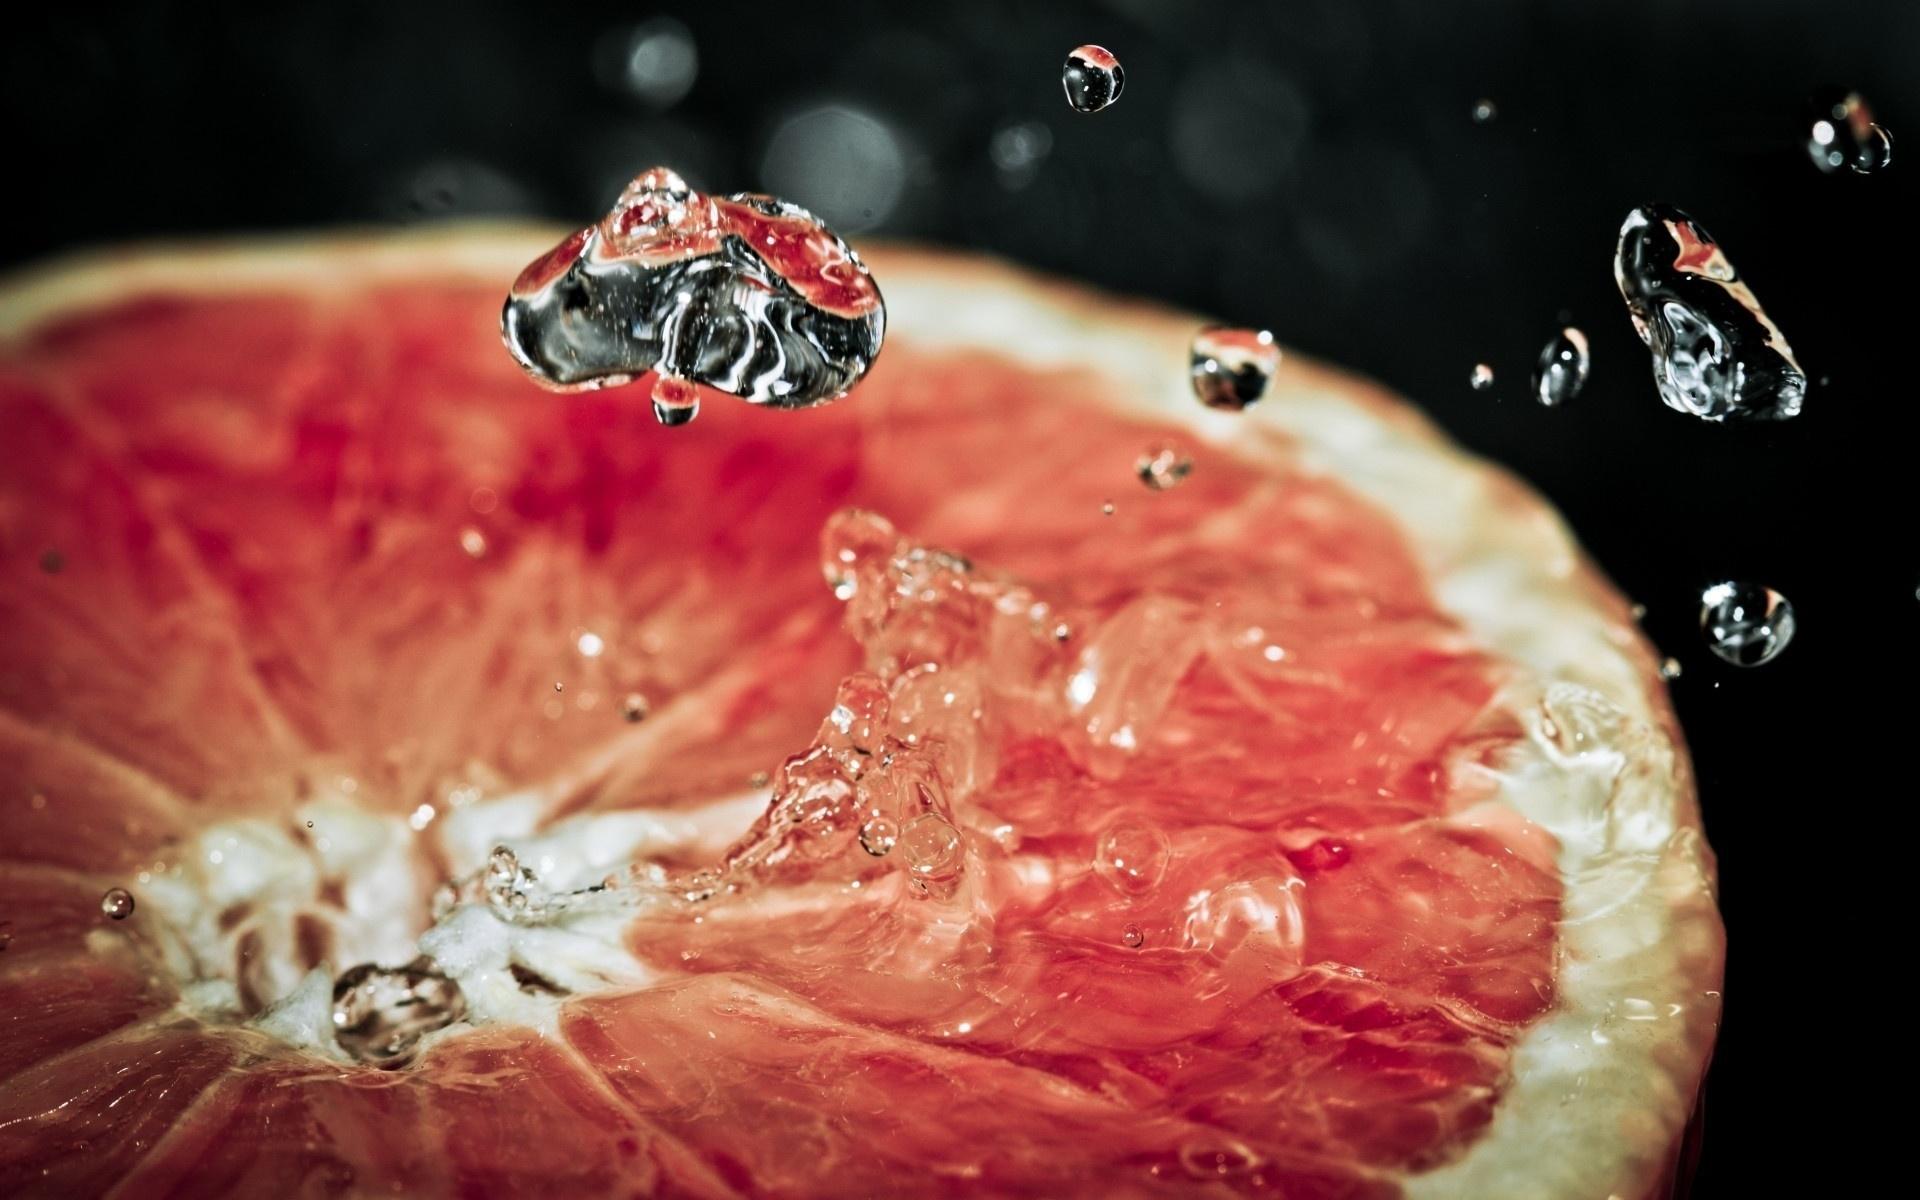 дольки грейпфрута  № 2133905 без смс